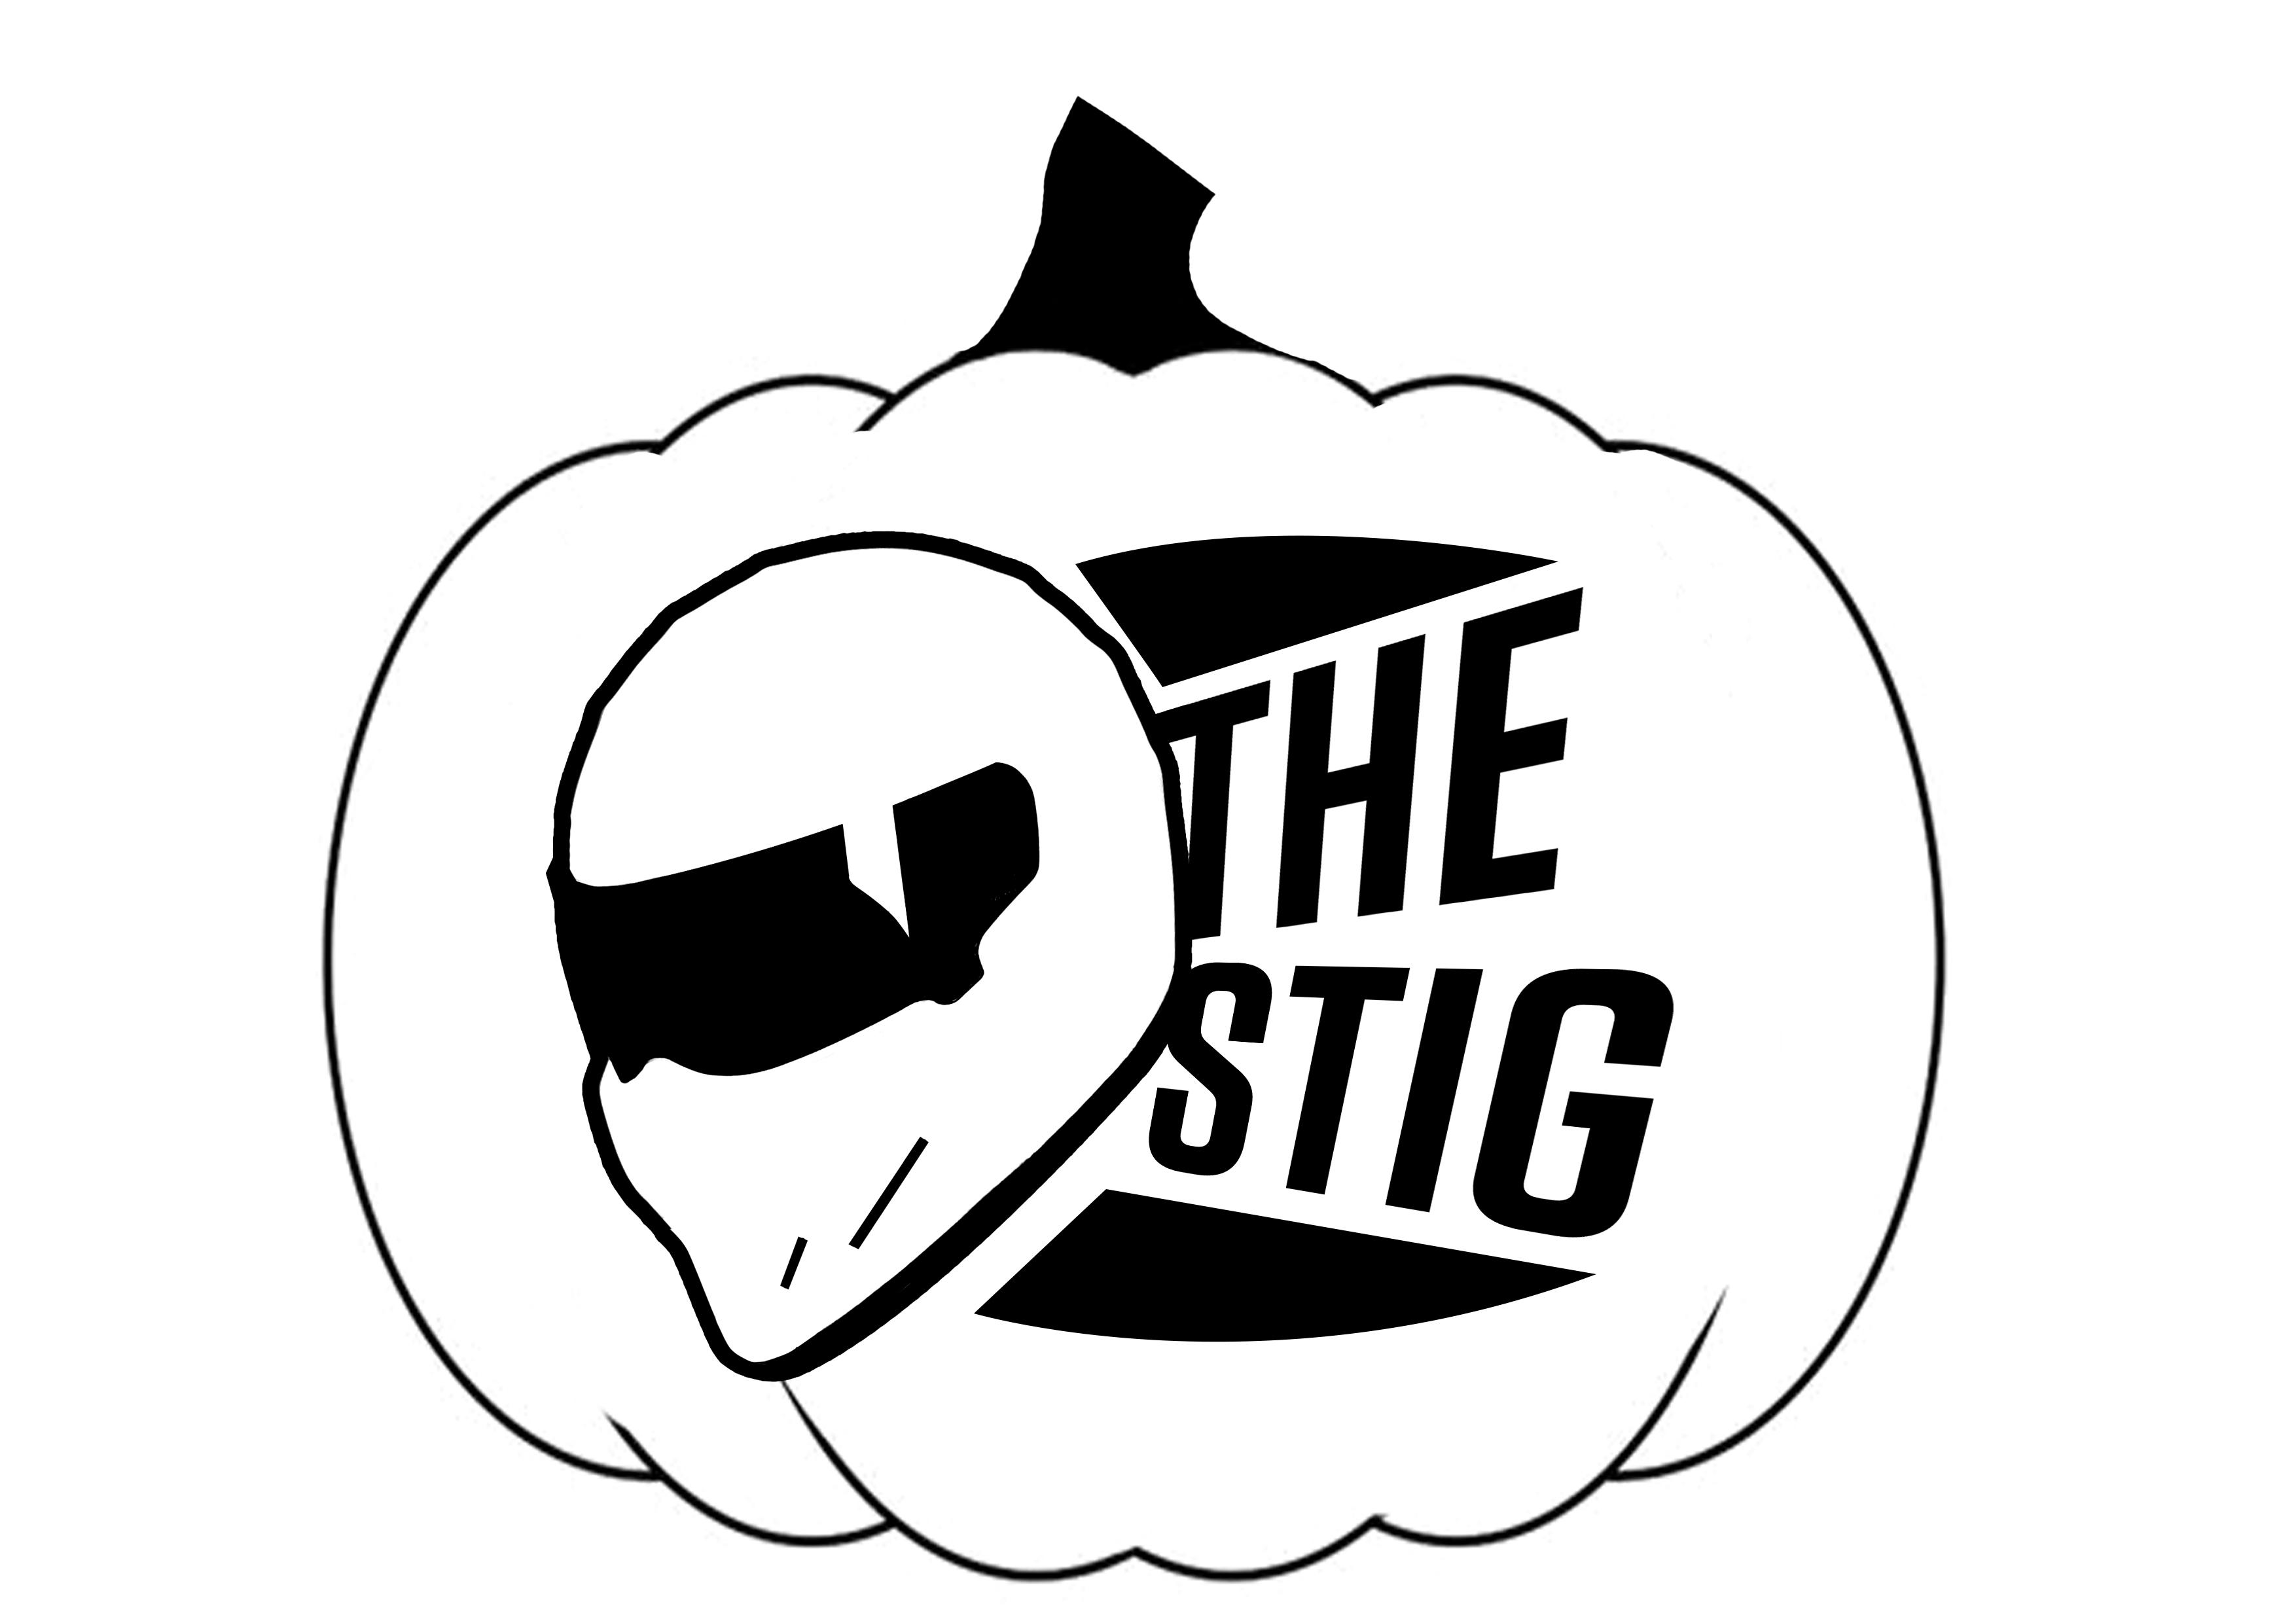 3508x2480 Download A Free Tg Pumpkin Stencil! Top Gear